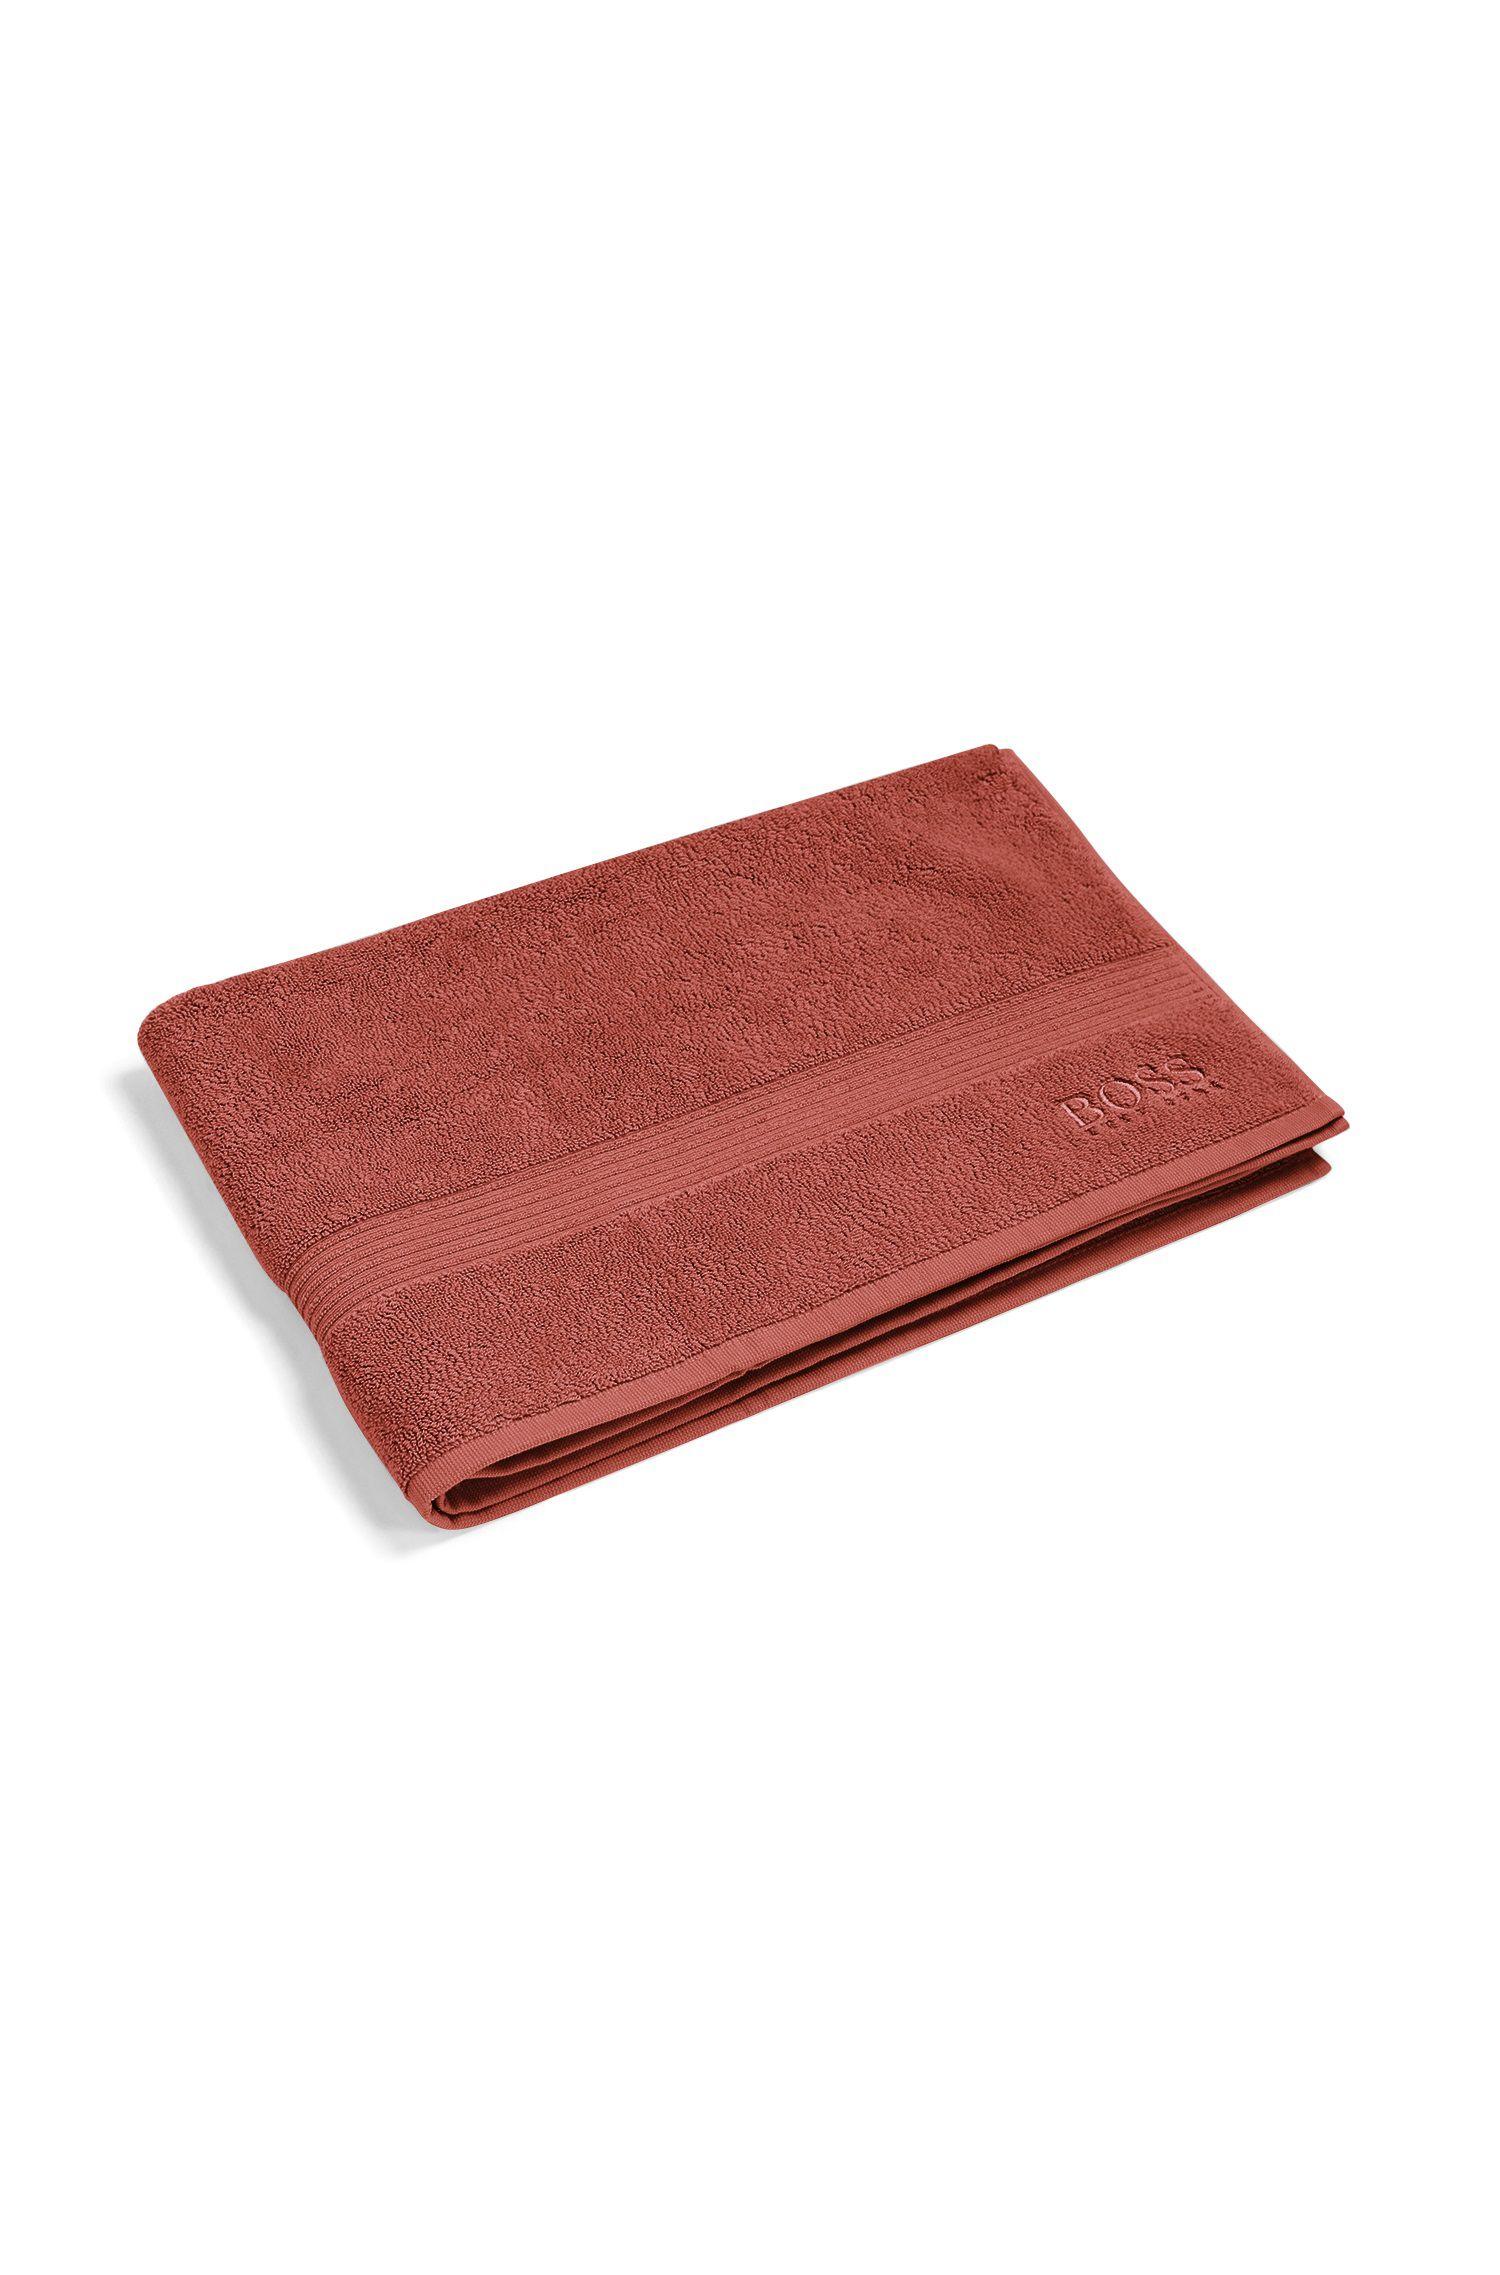 Tappetino da bagno in cotone egeo pettinato con bordo a coste